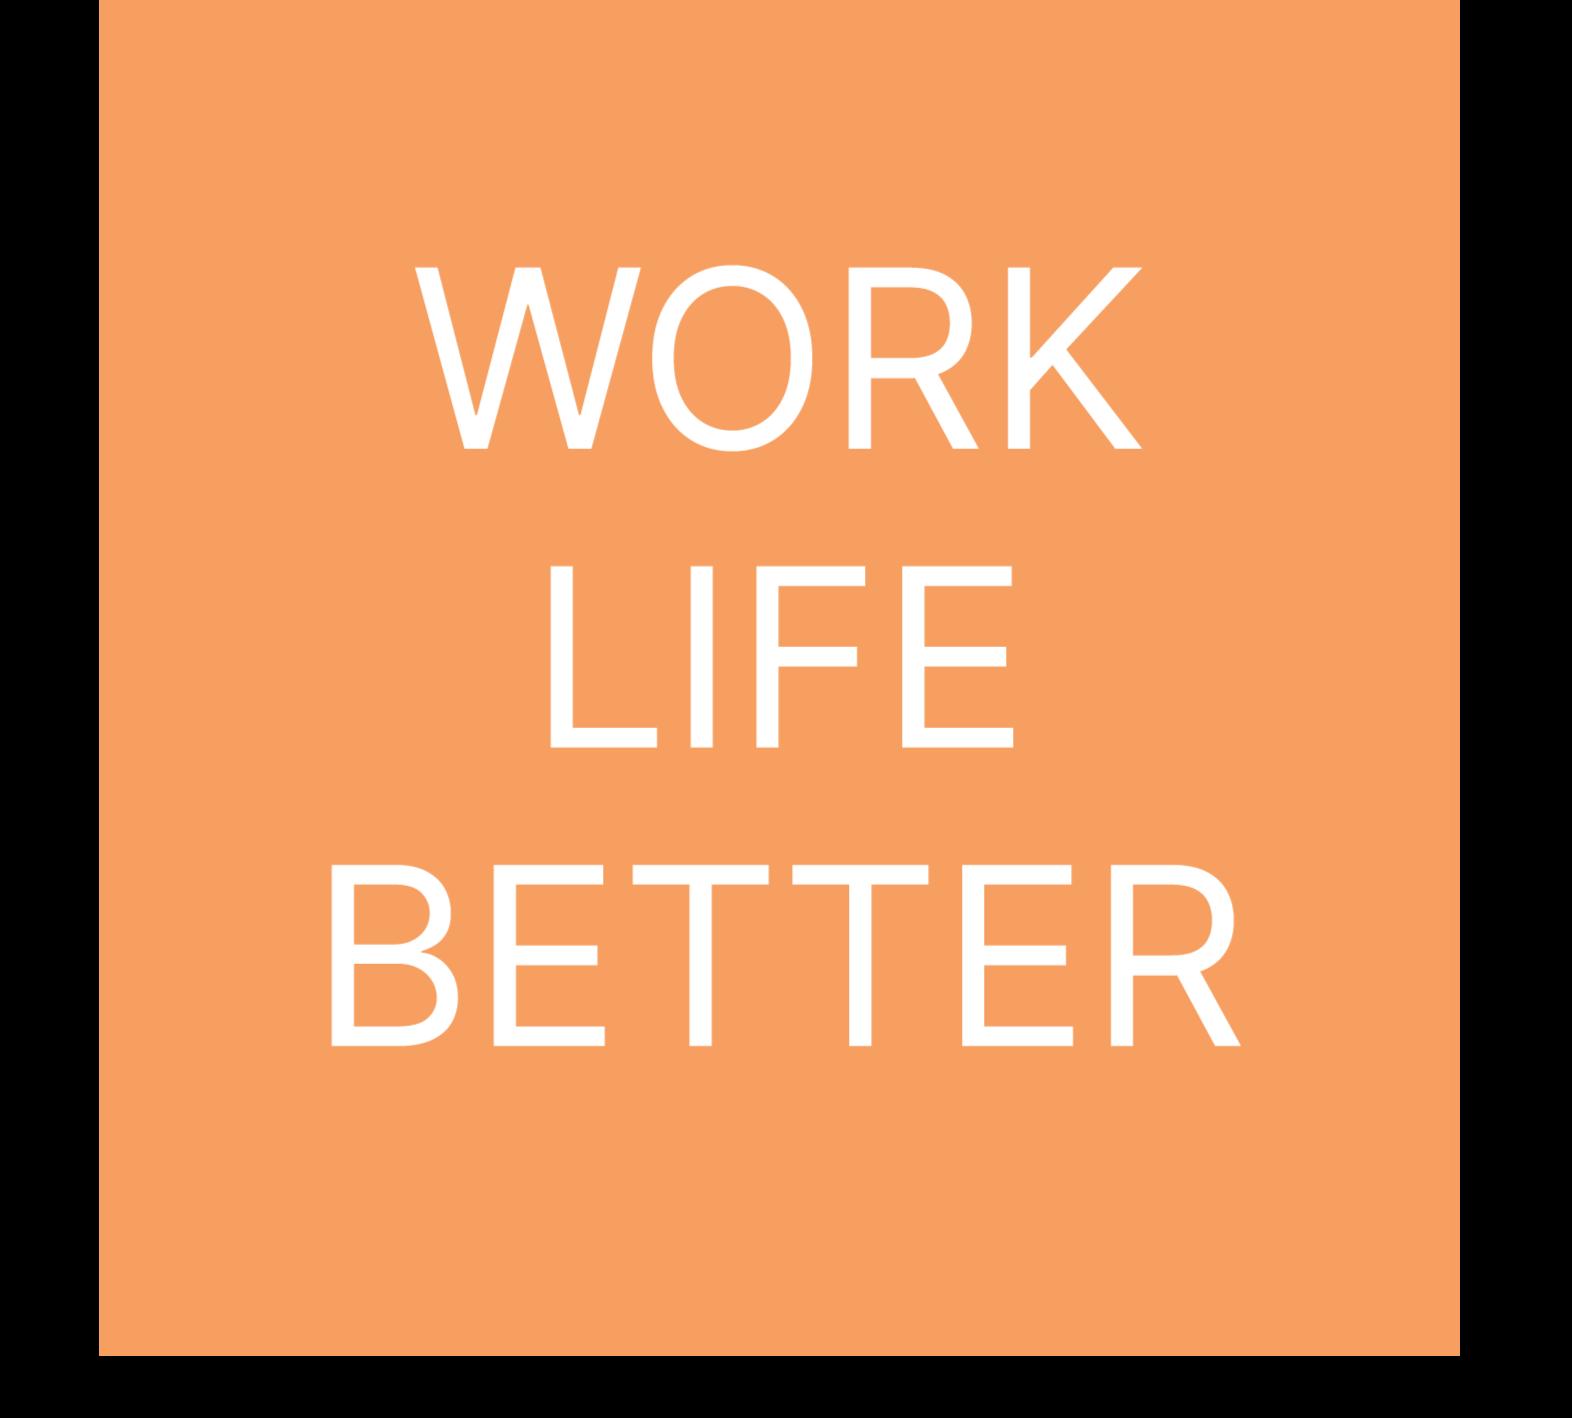 WorkLifeBetter